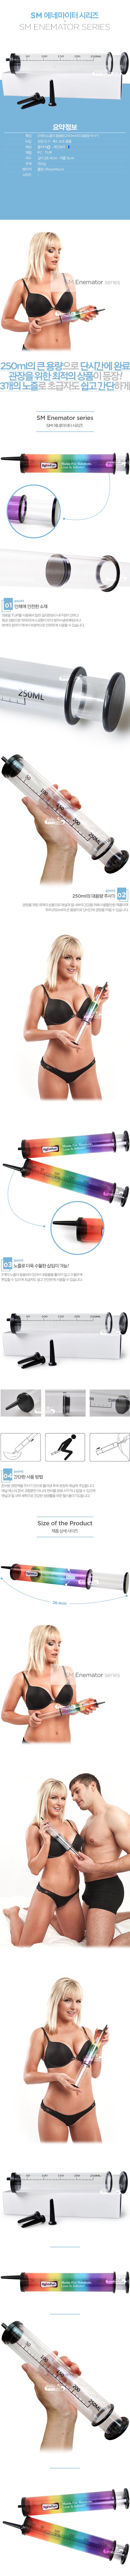 [애널 섹스] SM 에네마이터 시리즈(Roomfun SM Enemator series) - 룸펀(ZW-001) (RMP)